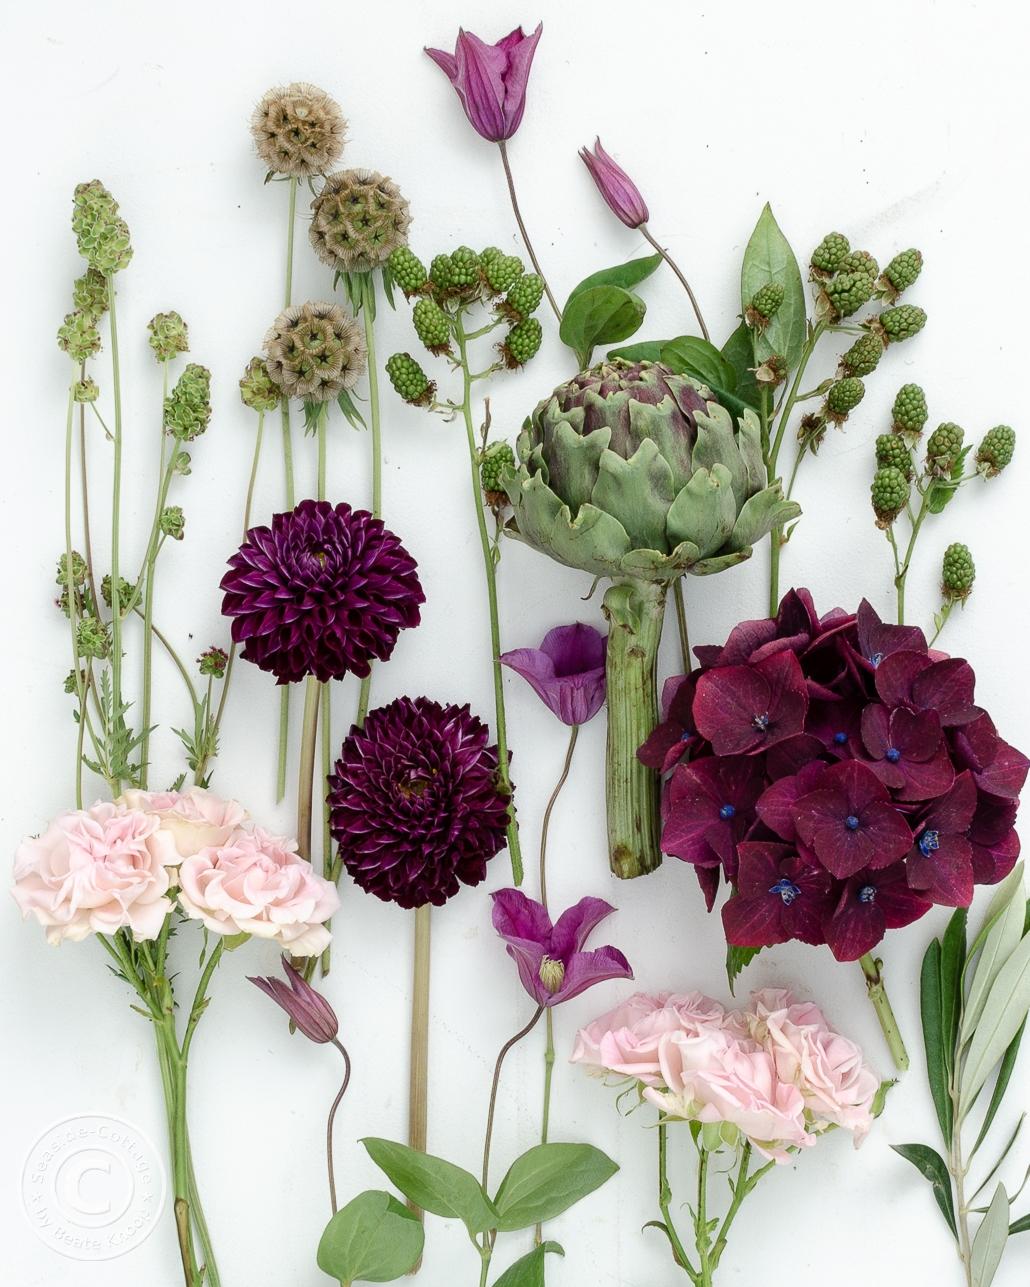 Flatlay mit Sommerblumen: Wiesenknopf, Dahlien, Rosen, Artischocke, Hortensie, Waldrebe